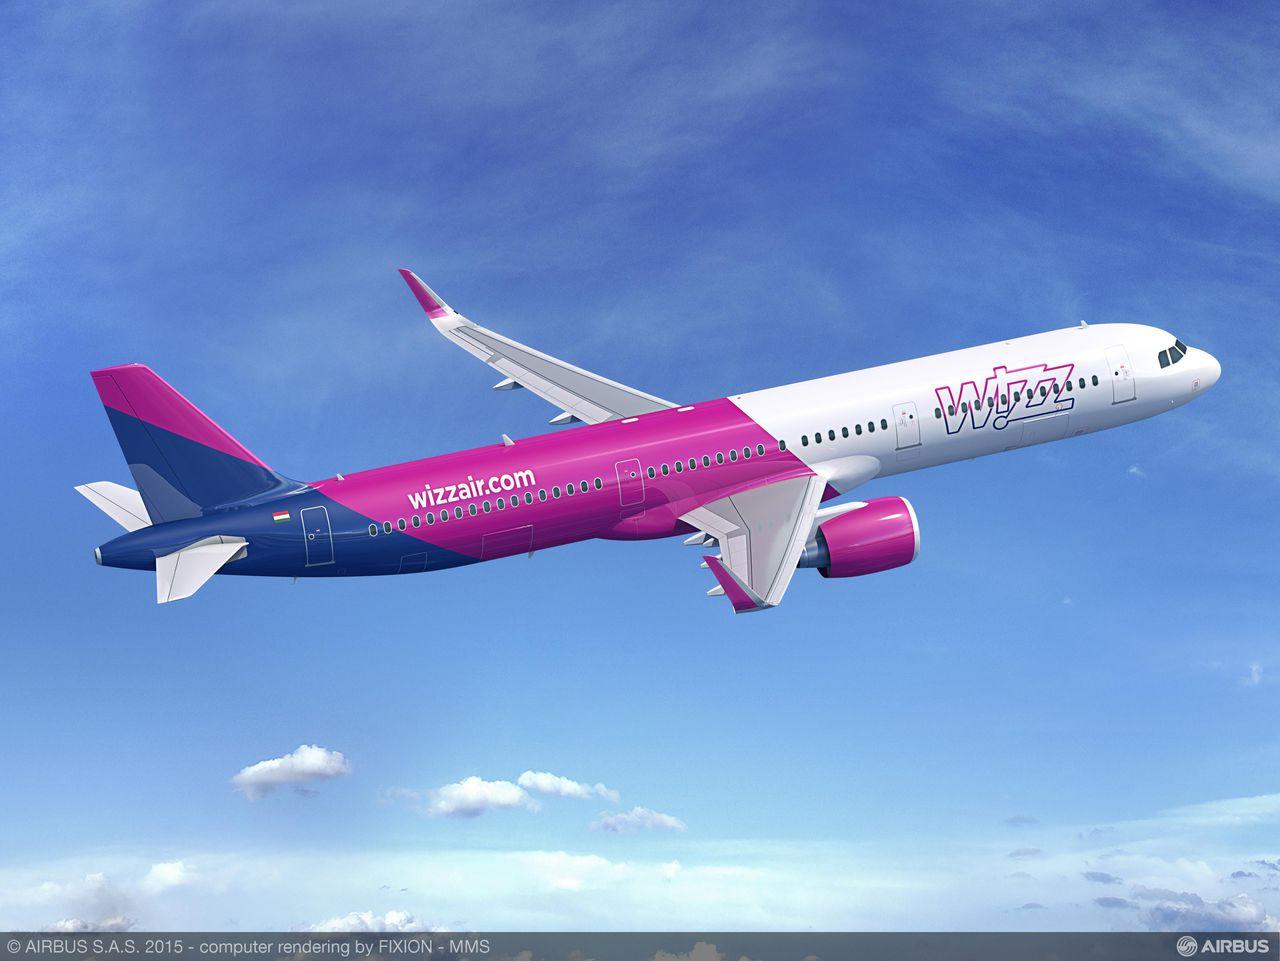 A321neo látványterv a Wizz Air színeiben. (Forrás: Airbus) | © AIRportal.hu